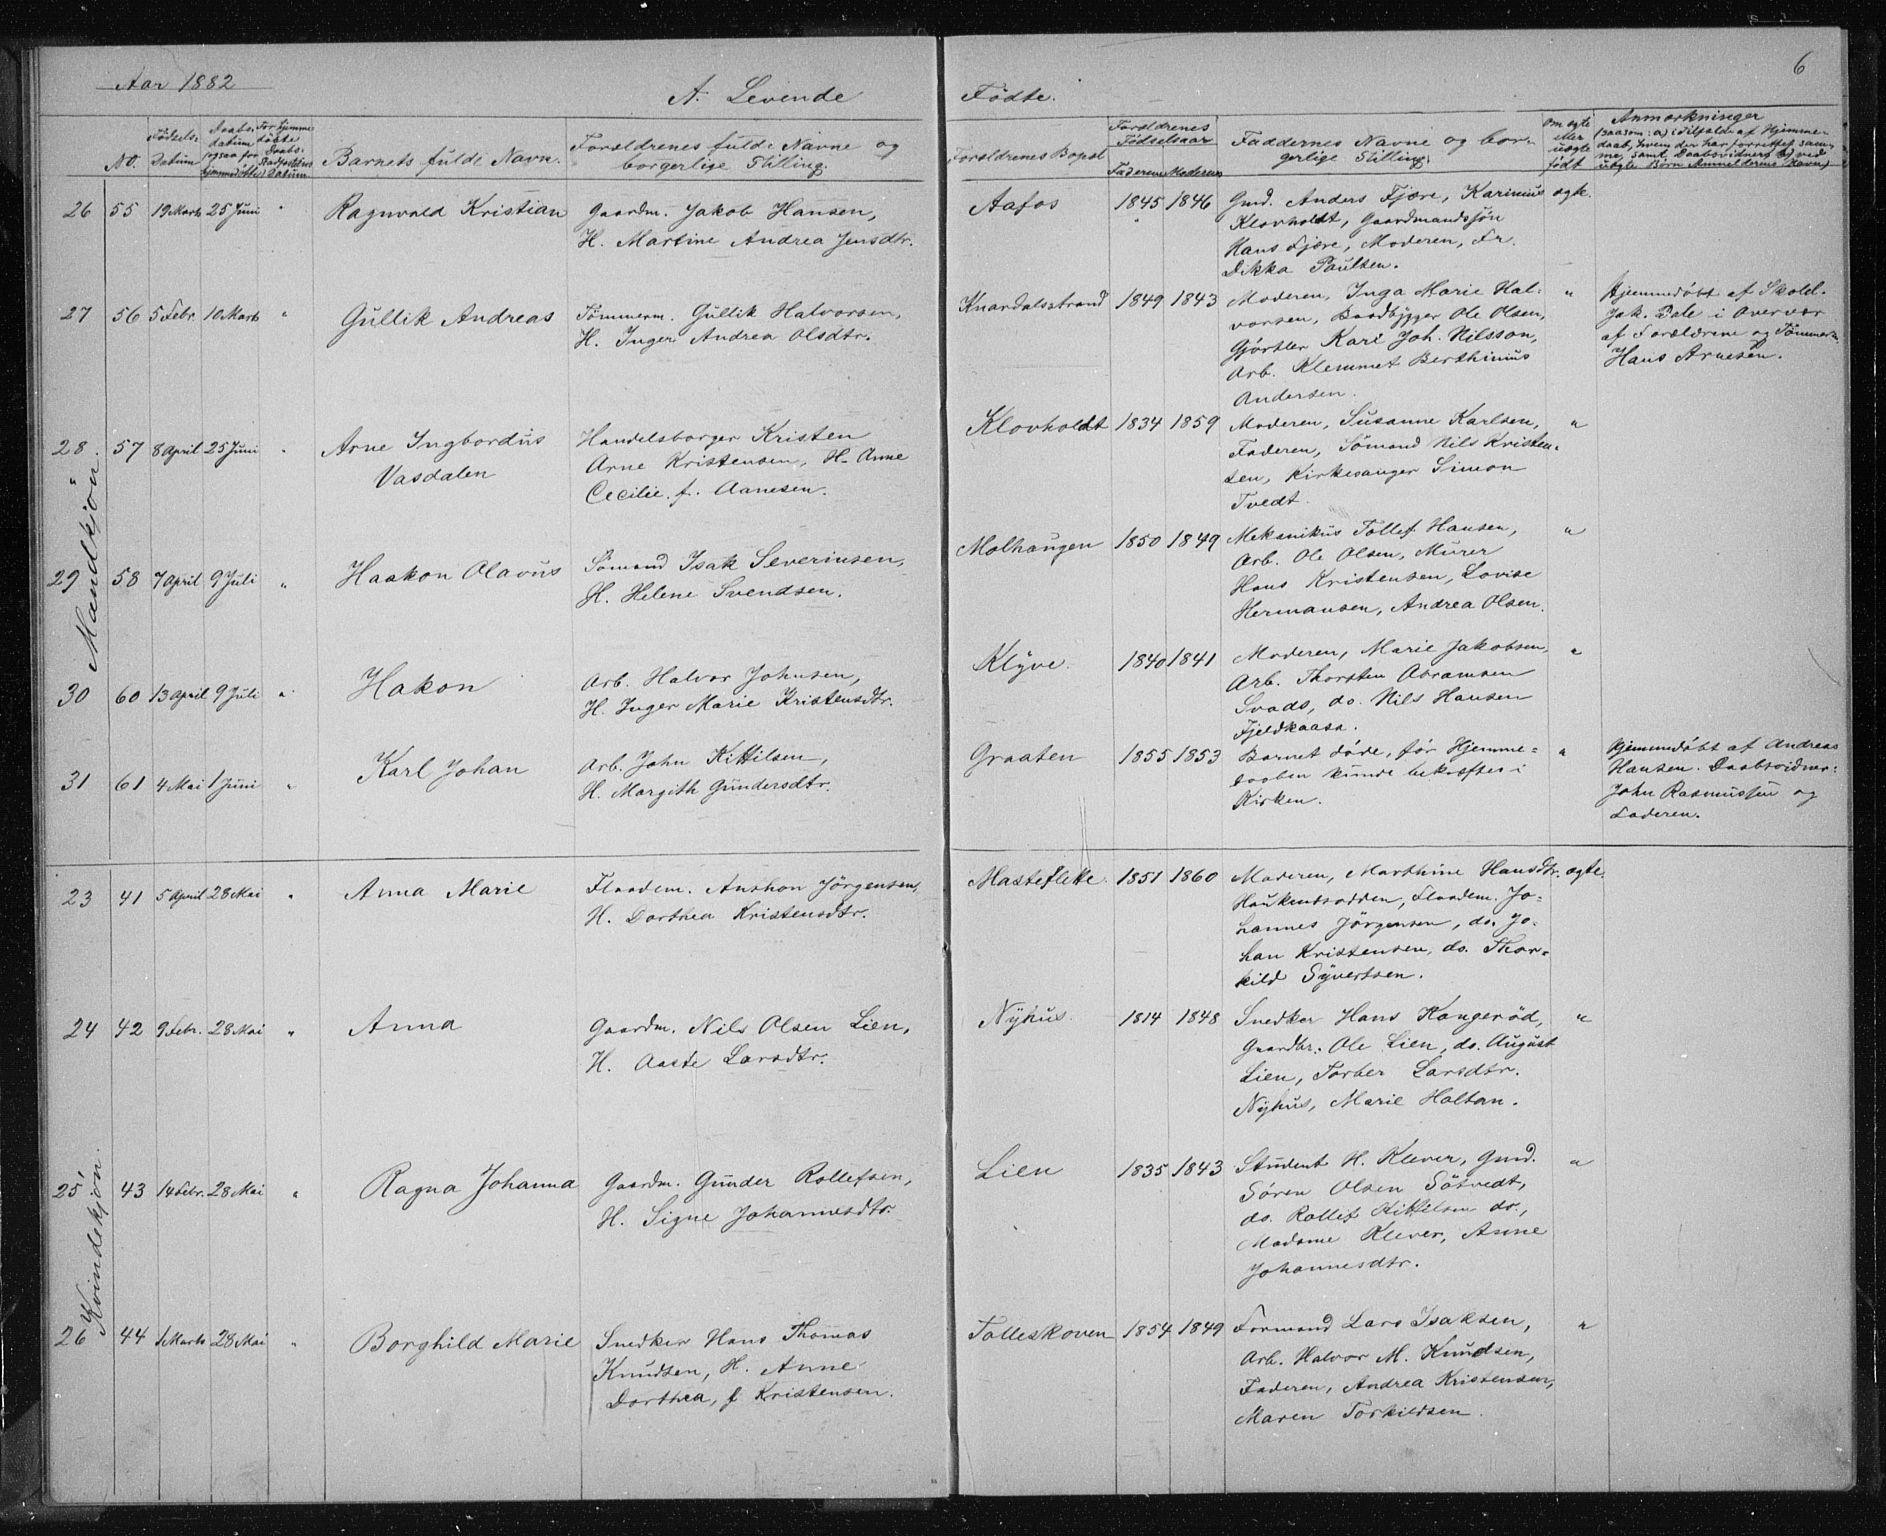 SAKO, Solum kirkebøker, G/Ga/L0006: Klokkerbok nr. I 6, 1882-1883, s. 6